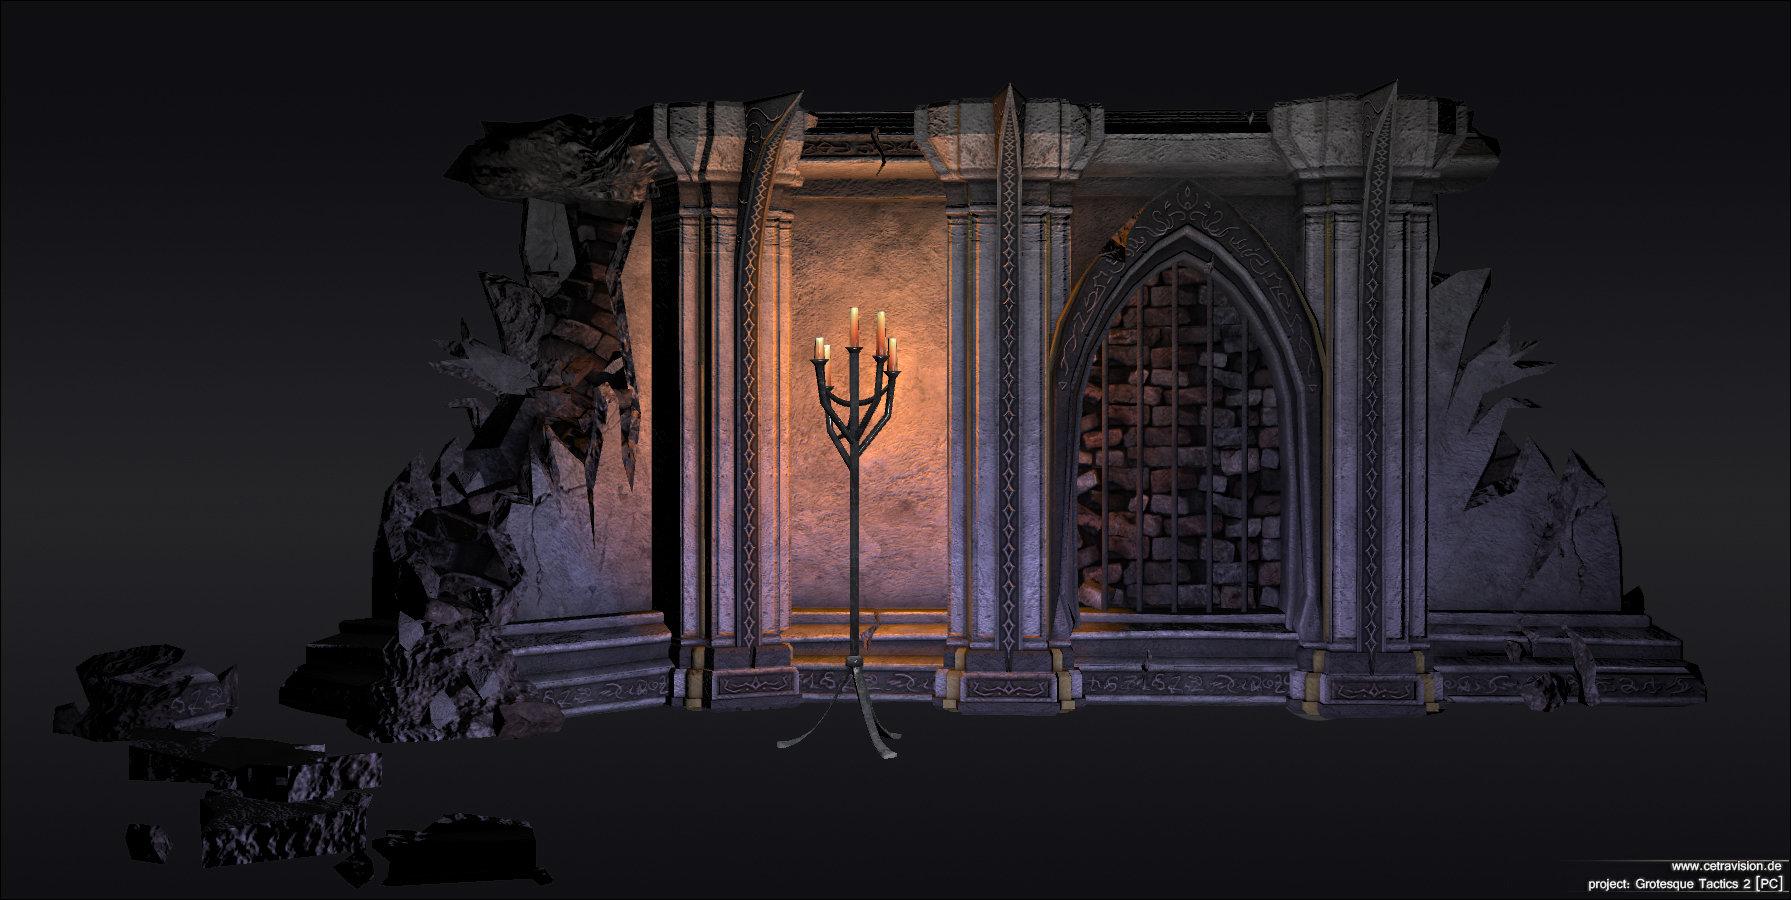 Carina schrom grotesque2 wall2